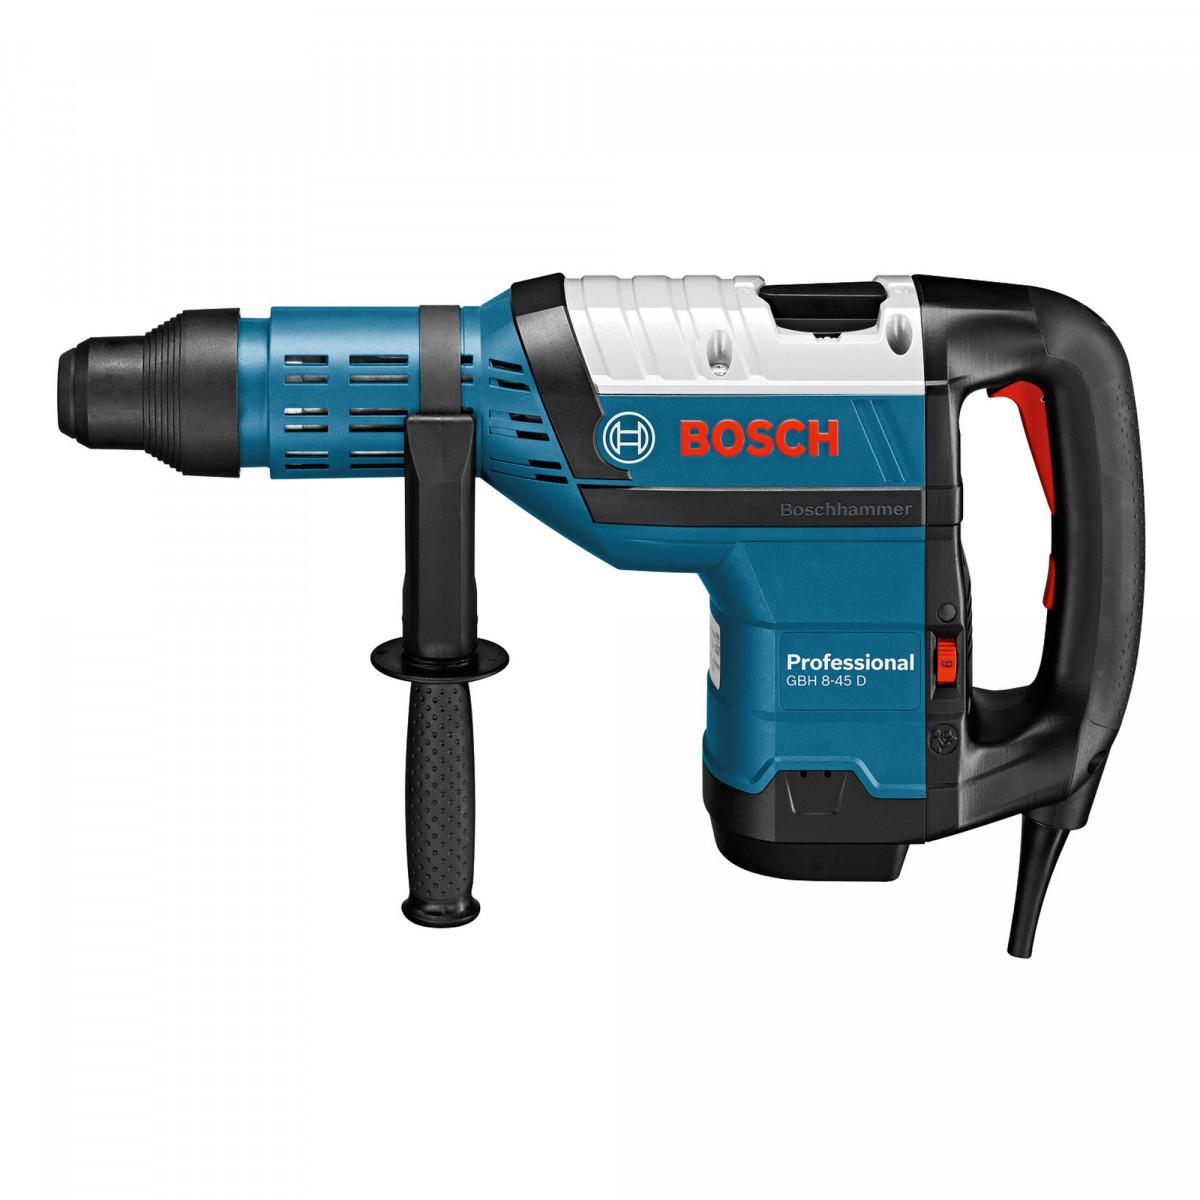 Перфоратор Bosch GBH 8-45 D  (1500Вт, 12.5Дж, SDS-Max)